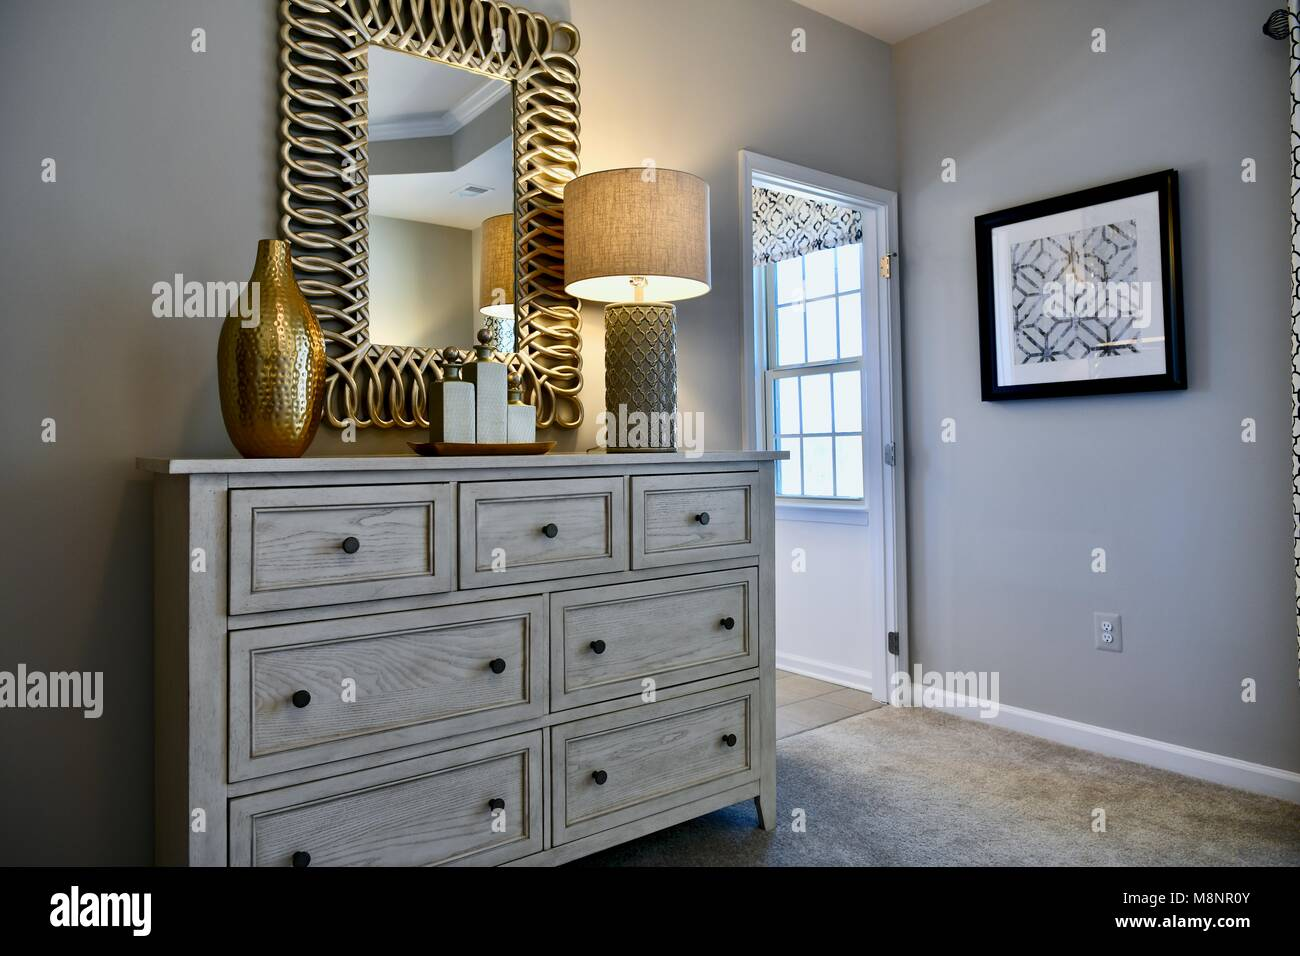 Modernes Schlafzimmer Kommode mit goldenen Akzenten eingerichtet und ...